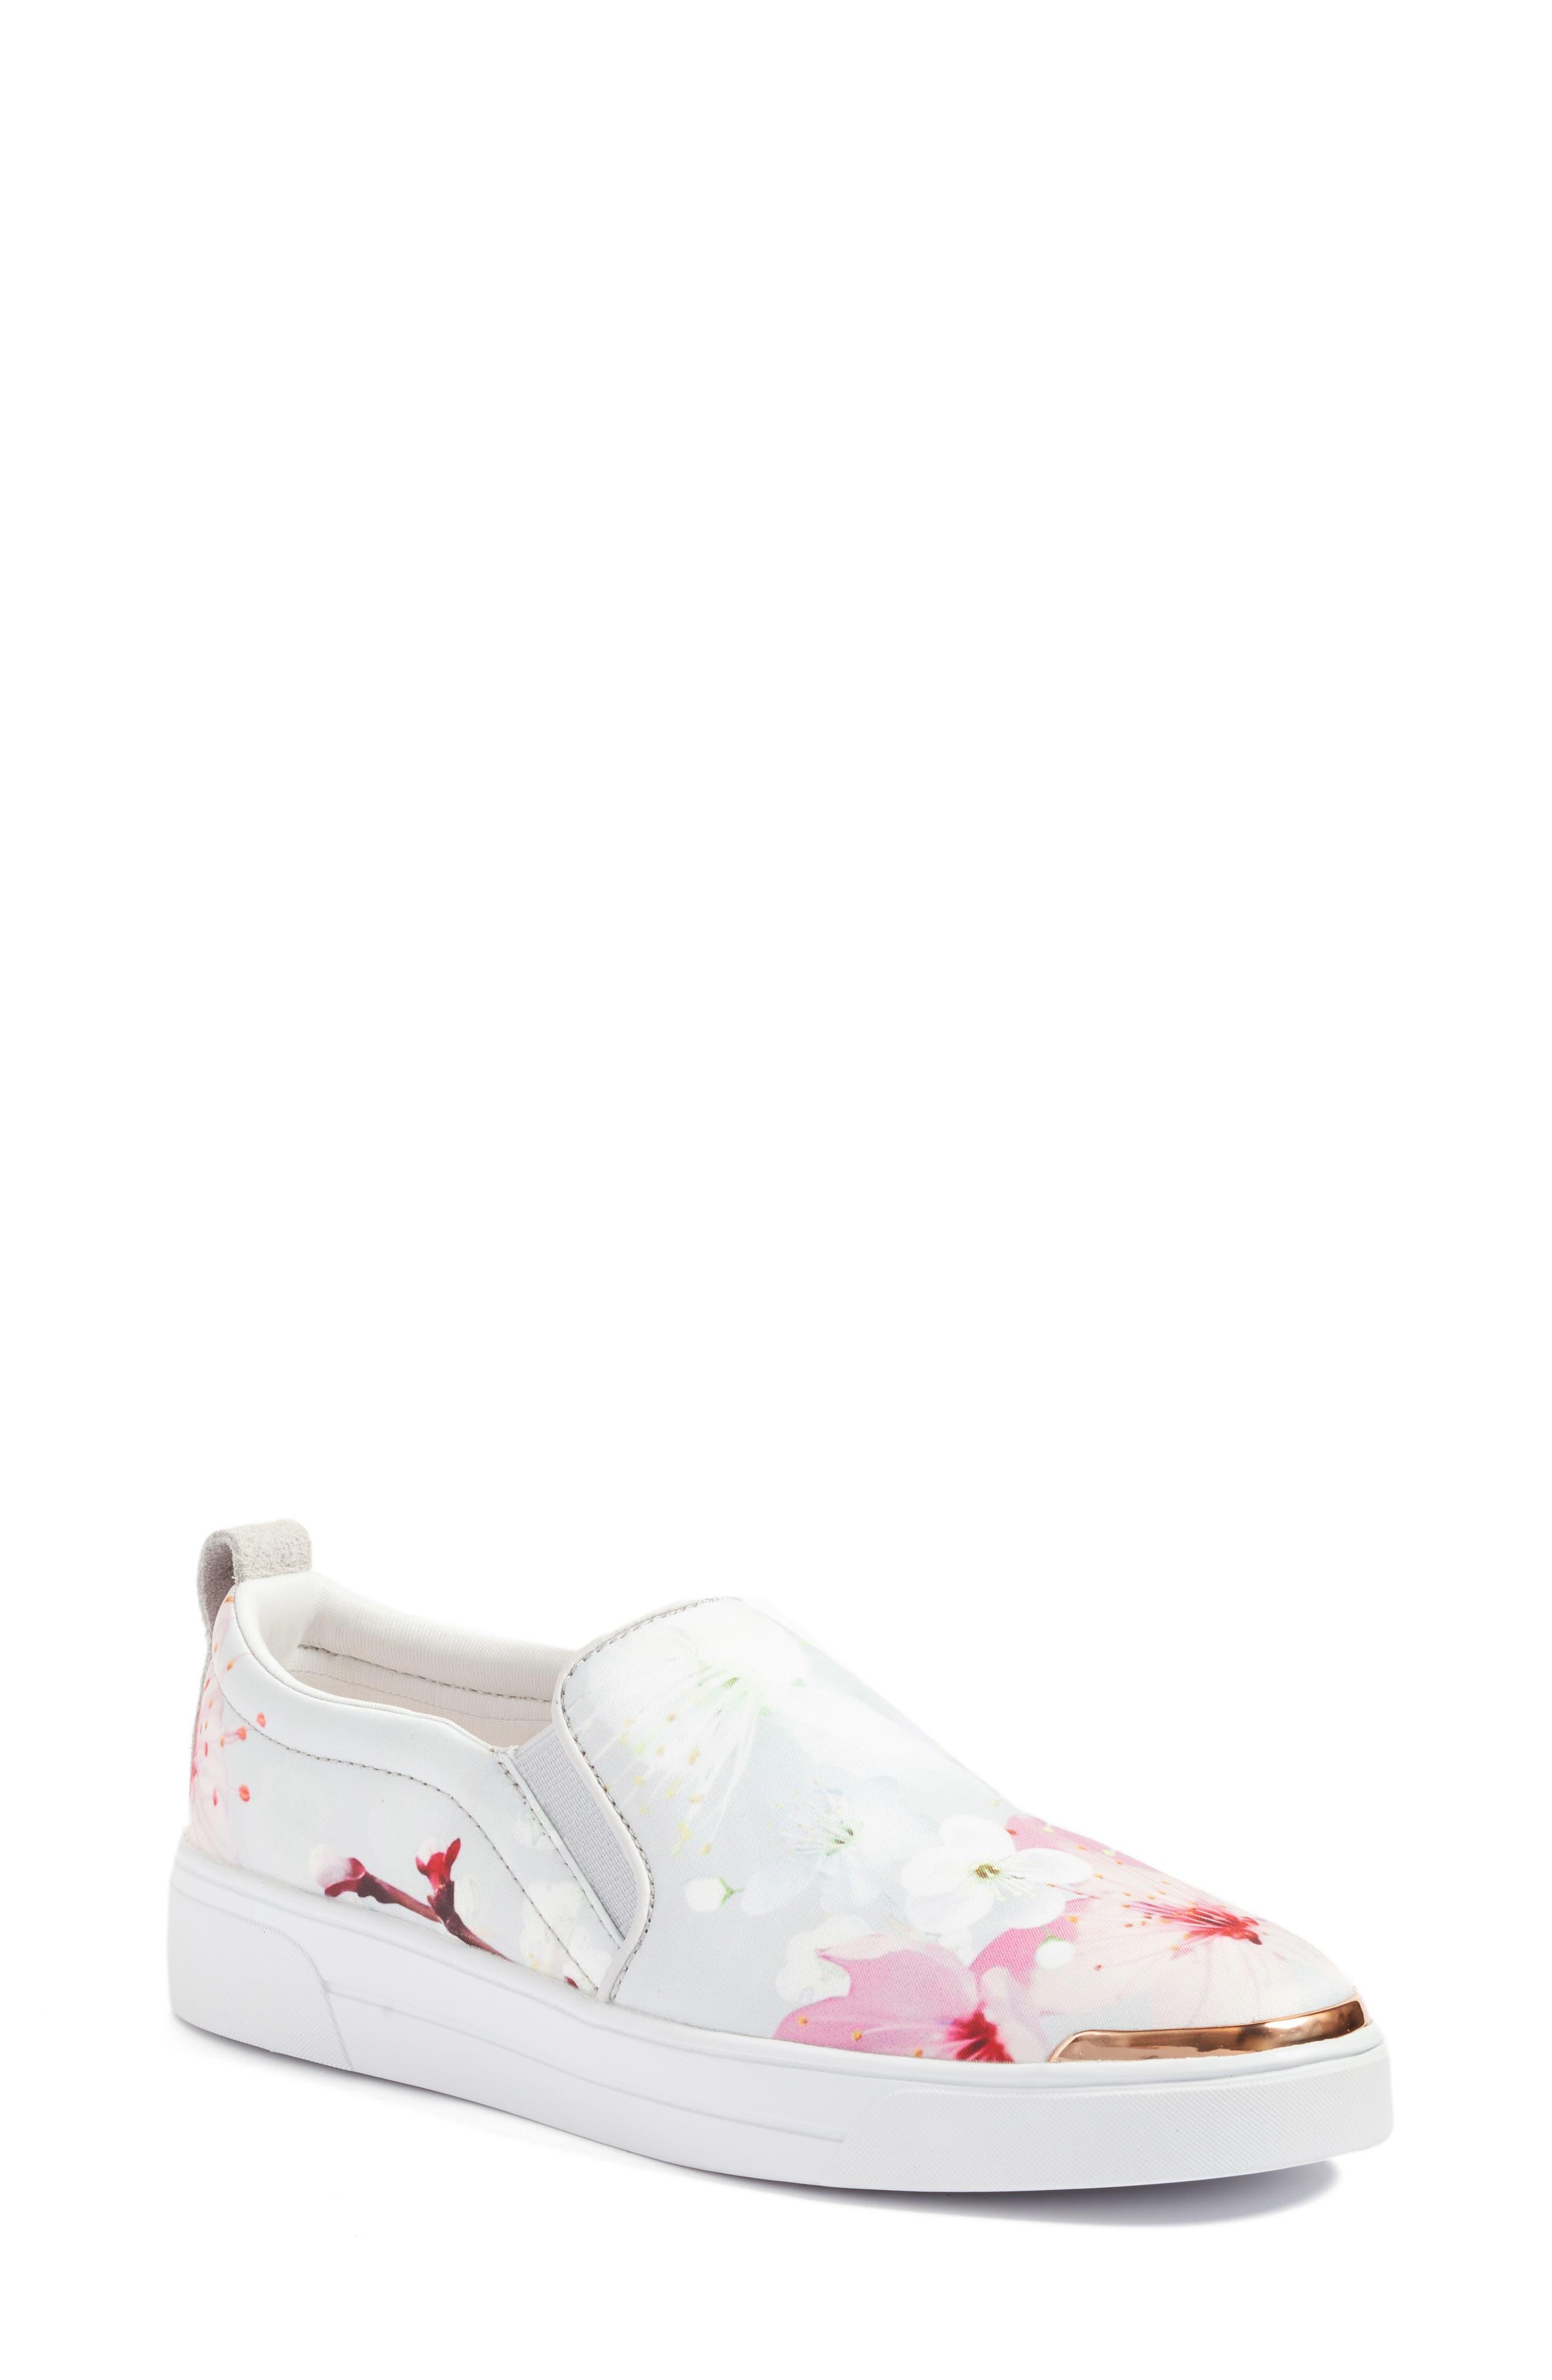 Main Image - Ted Baker London Tancey Slip-On Sneaker (Women)